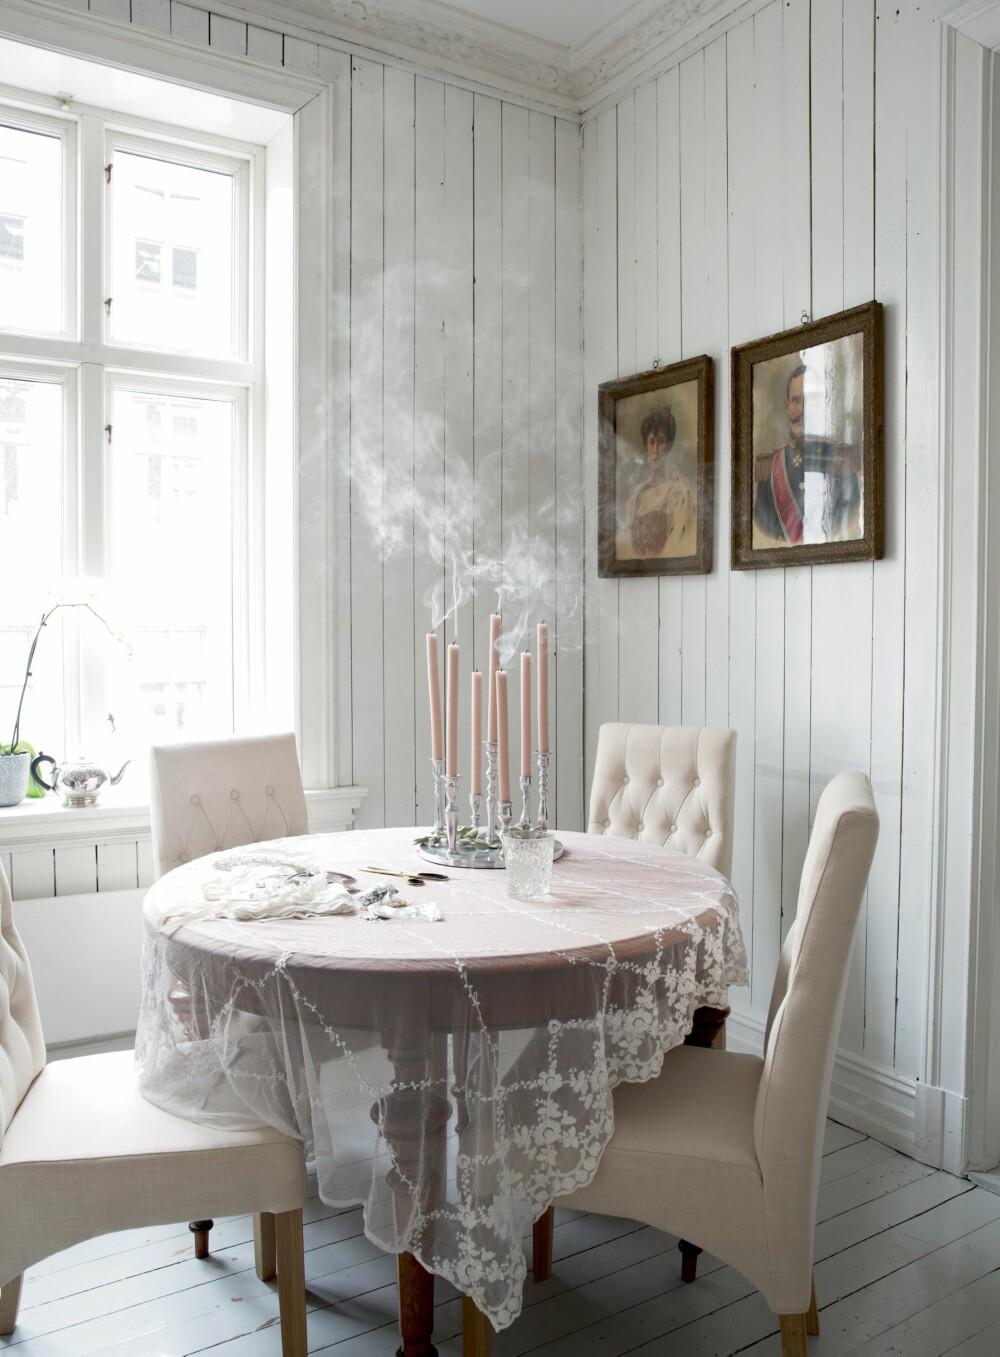 KUPP GJORT PÅ FRETEX: Det gamle bordet fant vi på Fretex og det kan trekkes ut til større selskap. I utgangspunktet var det veldig lavt, så pappa var handy og forlenget beina. Ble veldig bra! Kongeportrettene av Kong Haakon og Dronning Maud er minner fra mammas barndomshjem, forteller Marte.